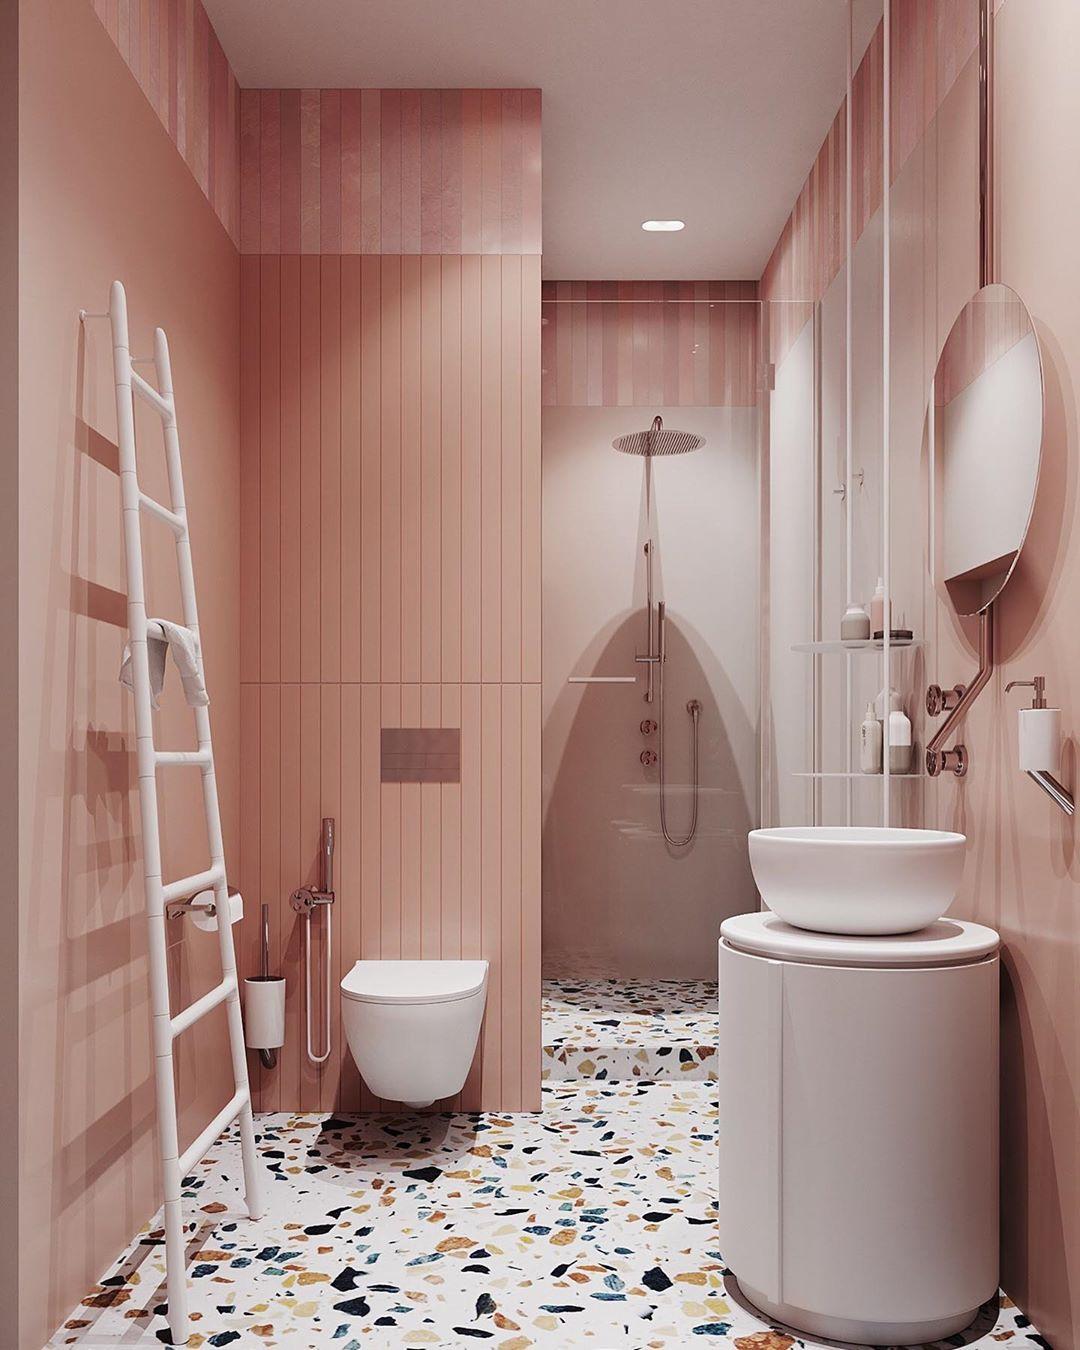 Prysznic Z Odpływem Liniowym Jak Zamontować Dużo